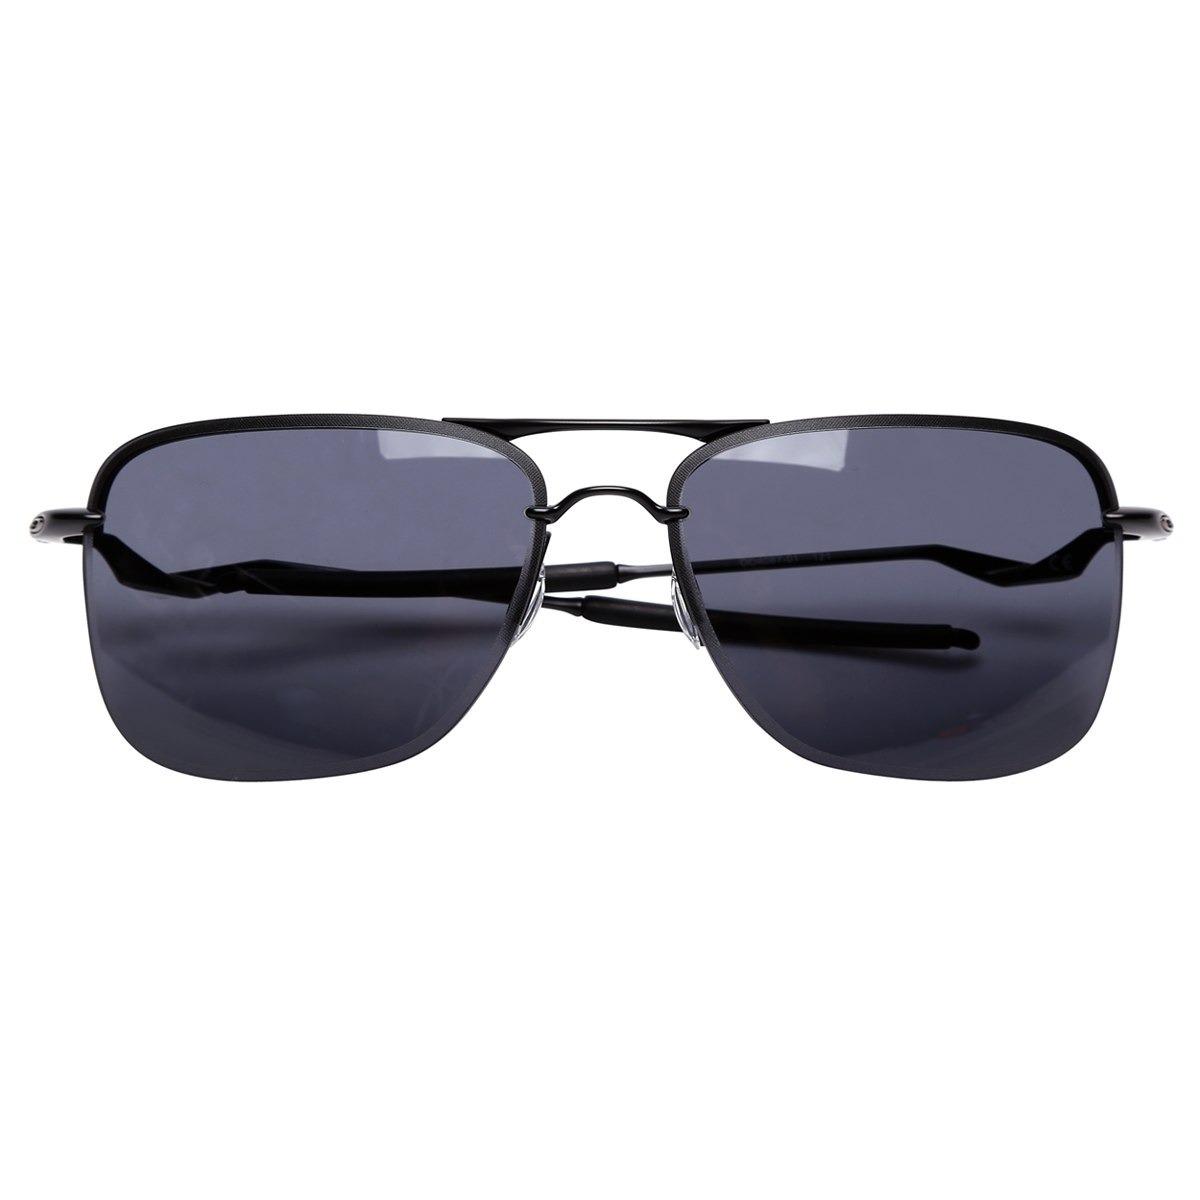 Óculos Oakley Tailhook Satin-oo4087 - R  599,00 em Mercado Livre 11916e119e